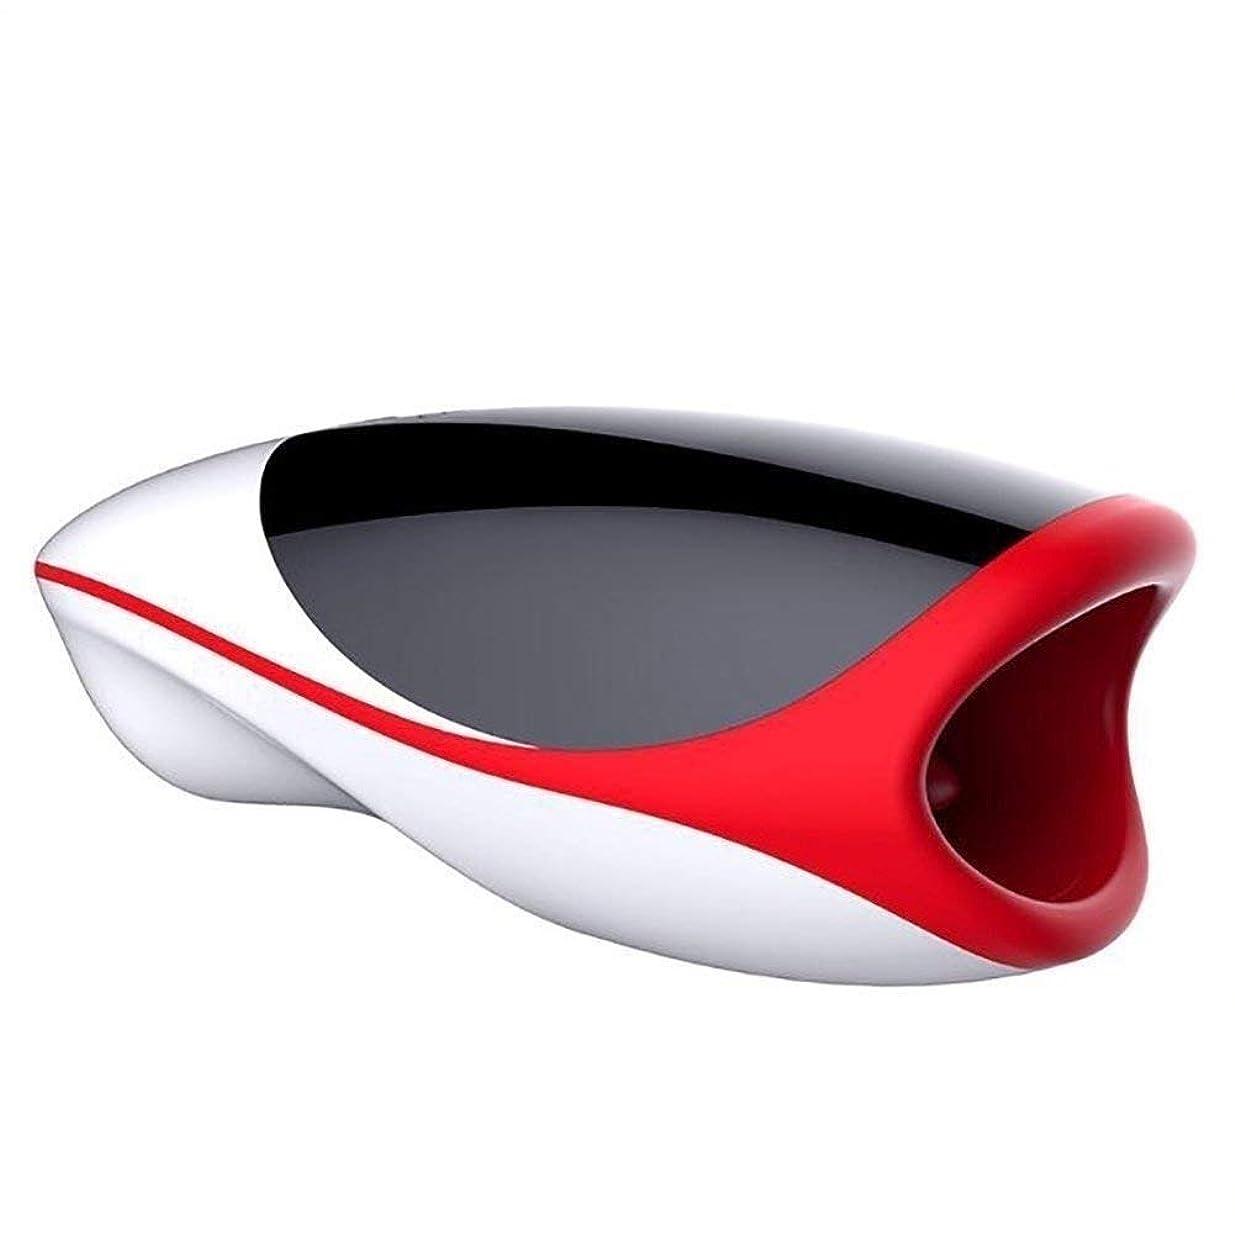 暖かさ繕うシンカンZHMEQ - 6おもちゃ男性のリアルカップ電気振動カップオーラルカップインテリジェント加熱充電式おもちゃ楽しいおもちゃ用大人パーティー Best gift